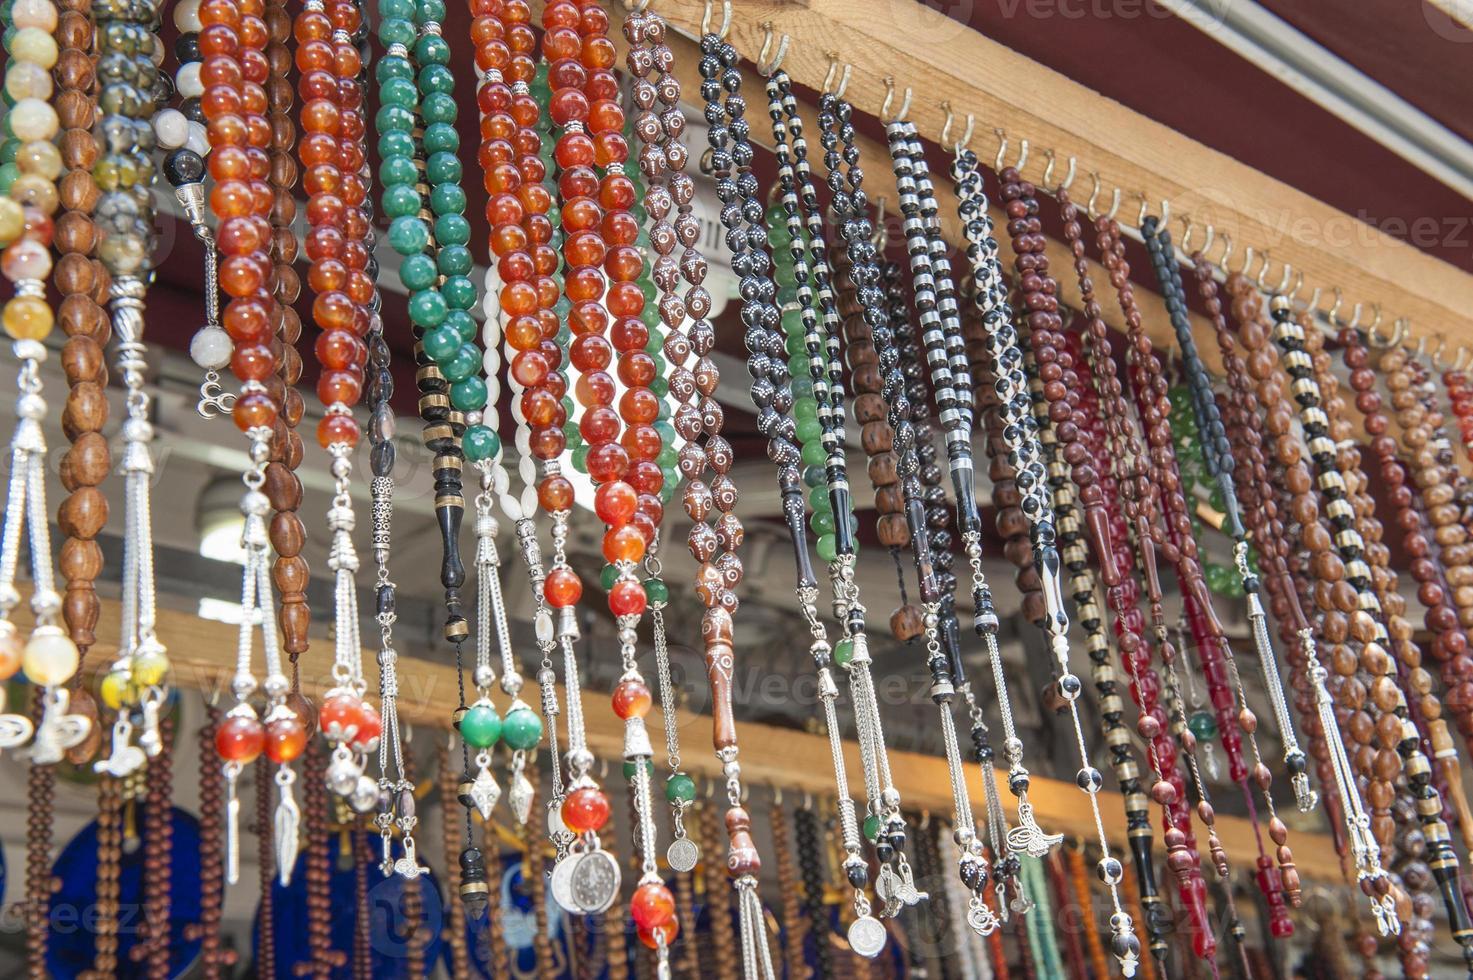 jóias ornamentadas penduradas na banca de mercado foto